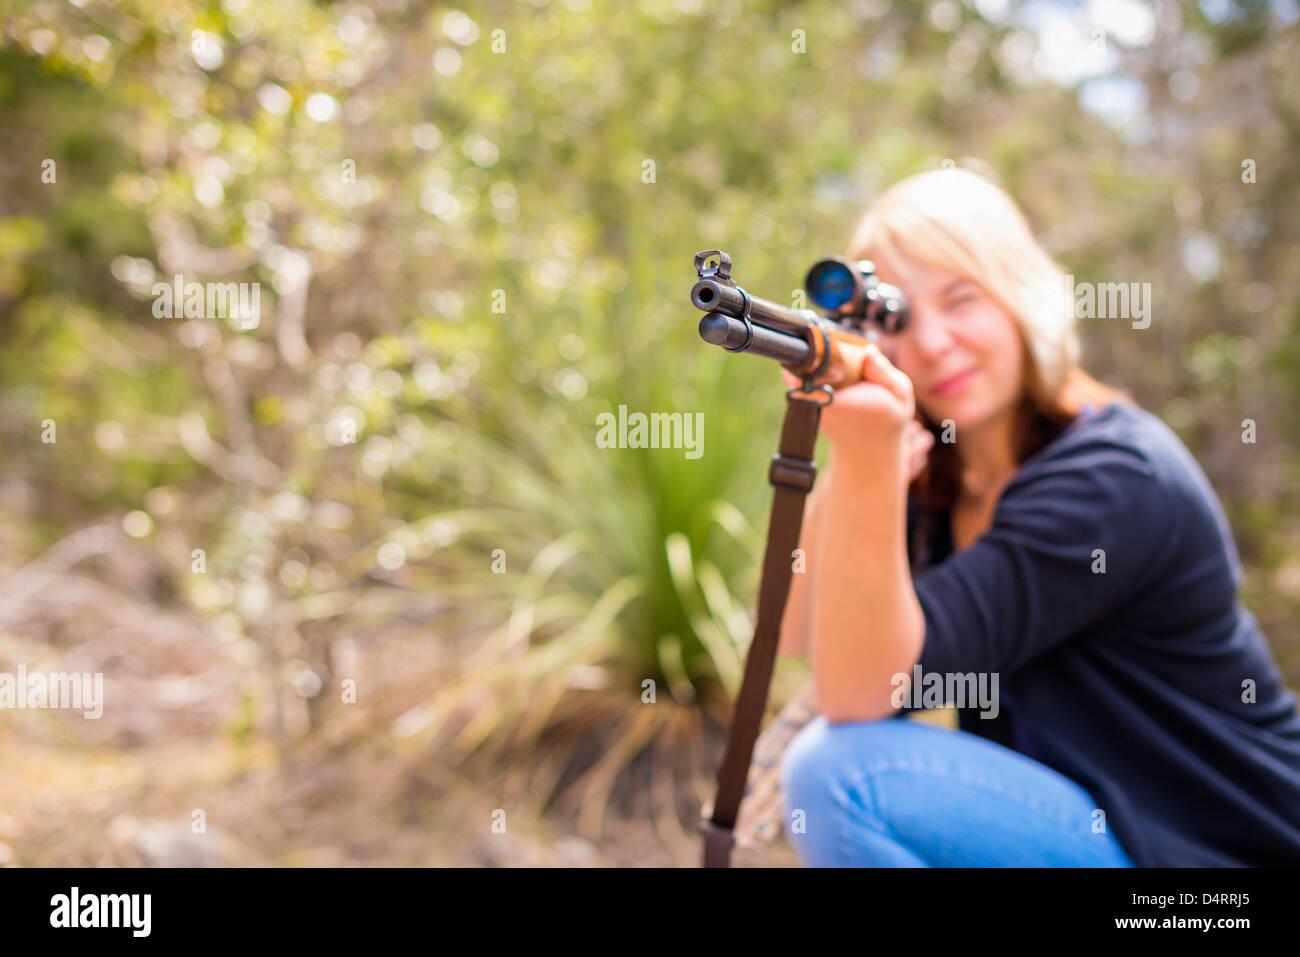 Joven dispara un rifle de caza, armas de fuego 19 hembra de raza caucásica, Texas, EE.UU. Imagen De Stock